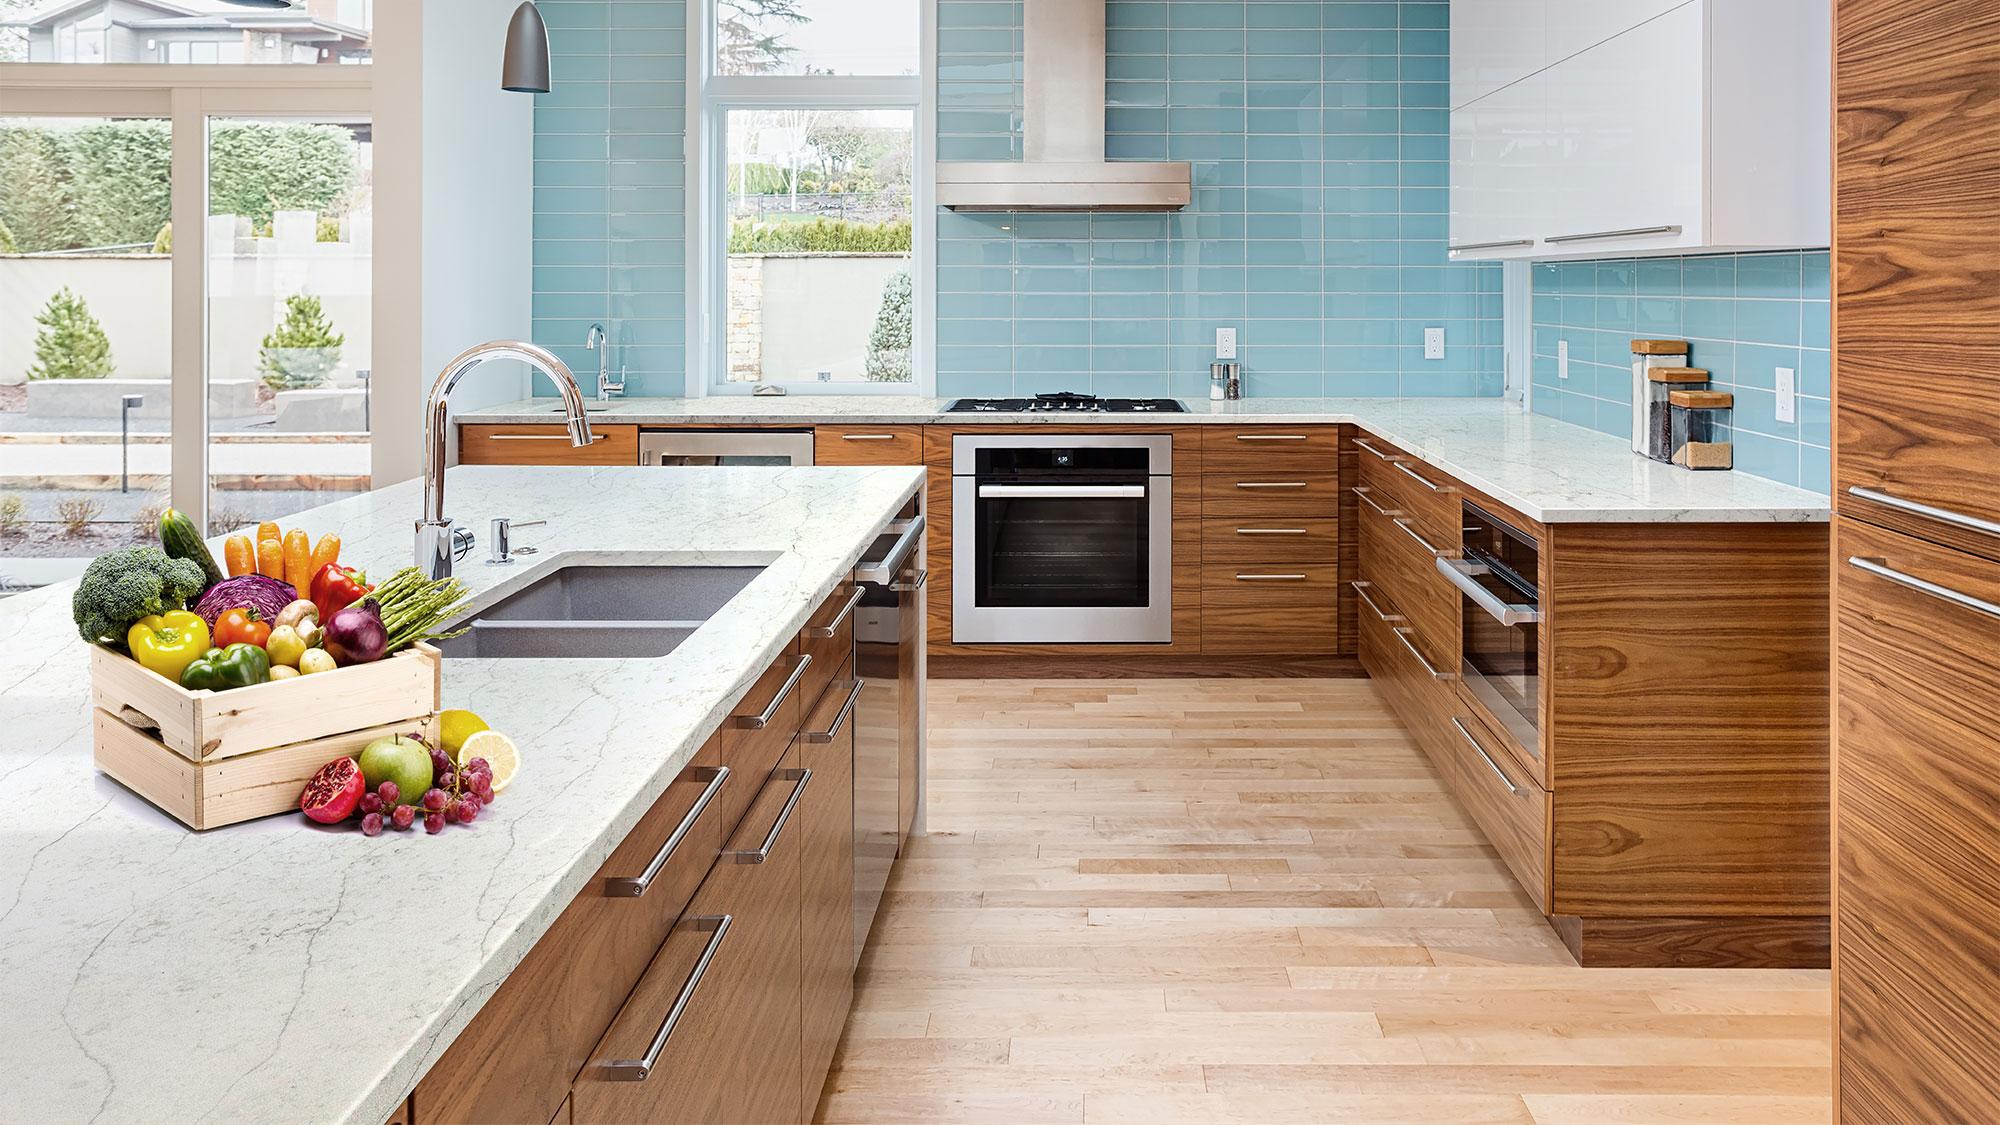 Mặt bàn bếp nên dùng đá gì? Đá tự nhiên hay nhân tạo?